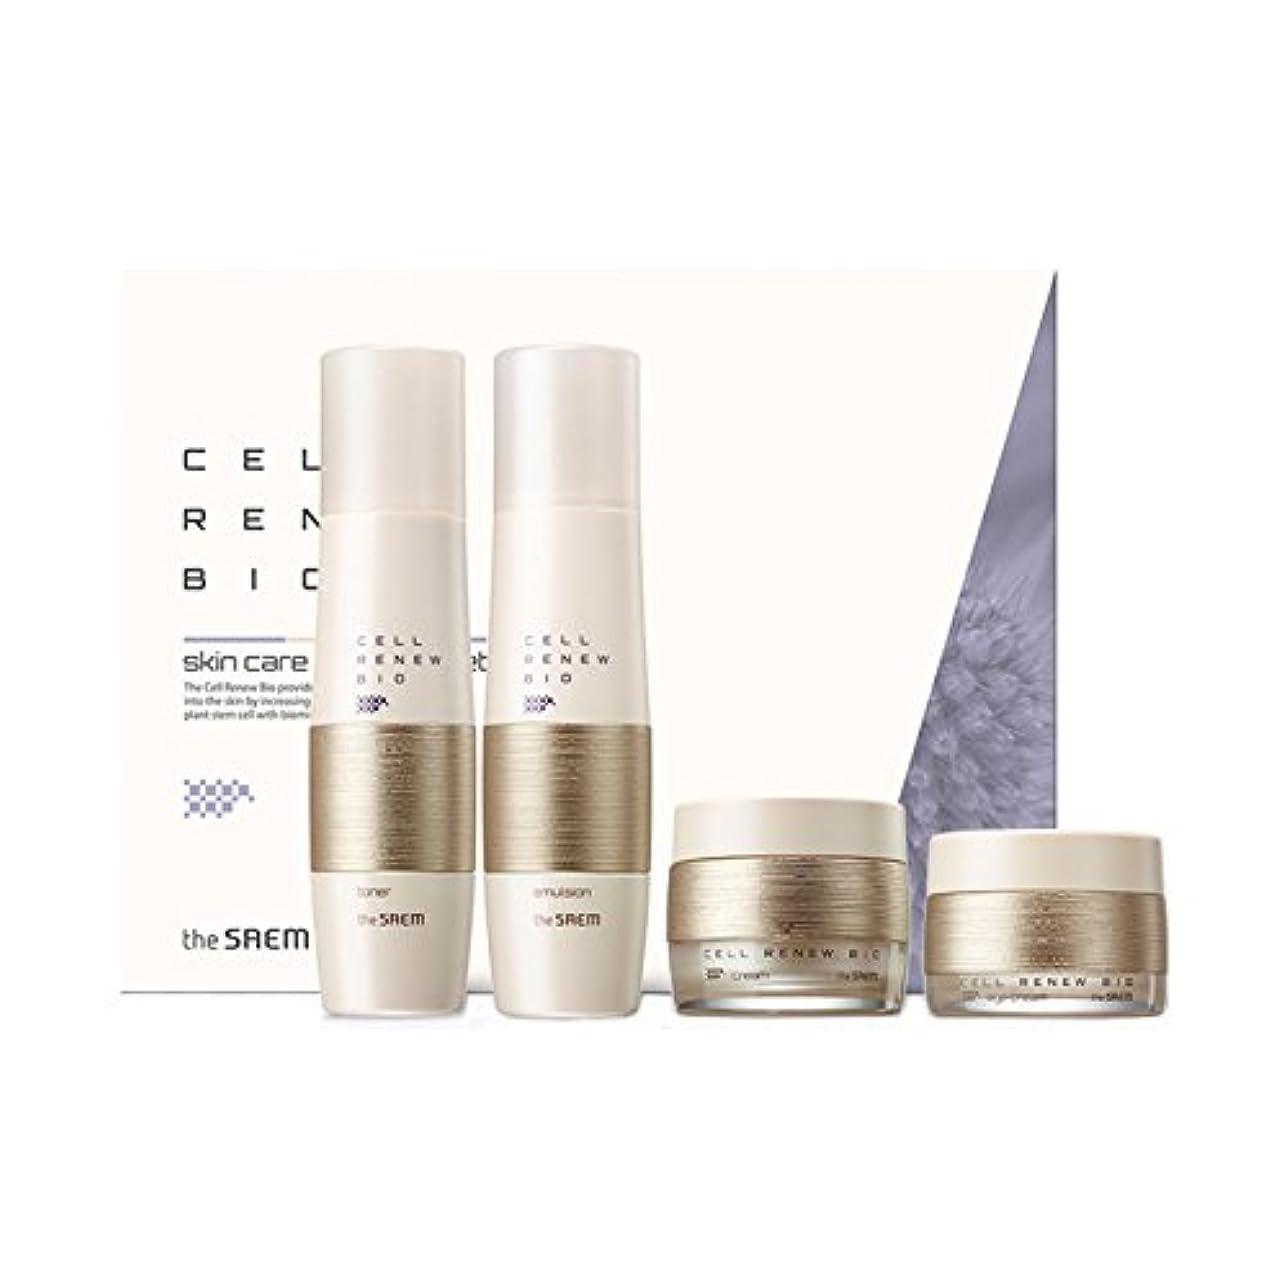 予防接種する頻繁にスーパーマーケット[ザセム] The Saem セルリニュー バイオ スキンケア スペシャル 3点 セット Cell Renew Bio Skin Care Special 3 Set (海外直送品) [並行輸入品]